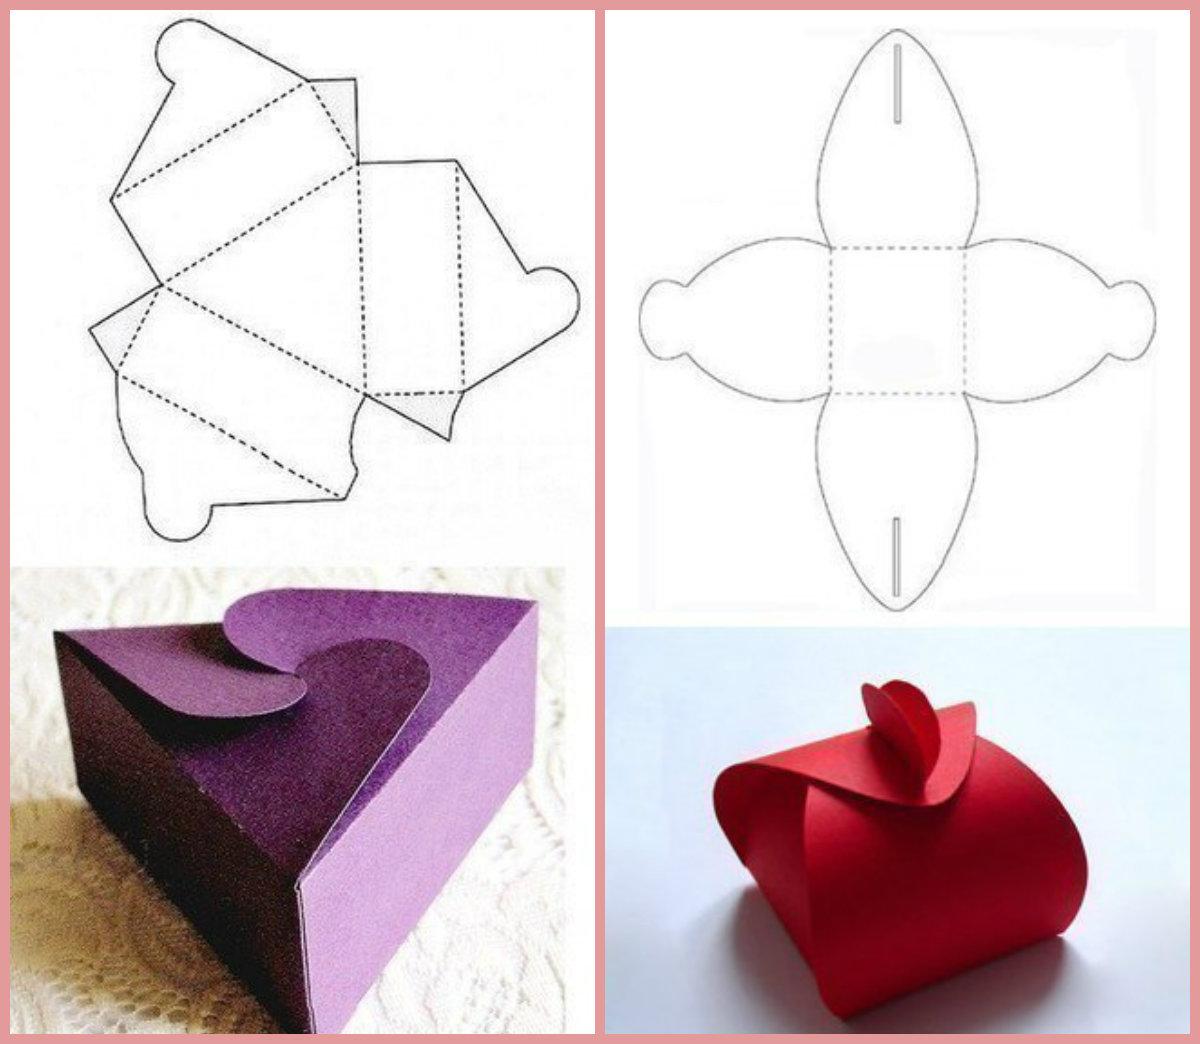 Как сделать коробку из бумаги своими руками: 8 пошаговых схем (фото и видео)